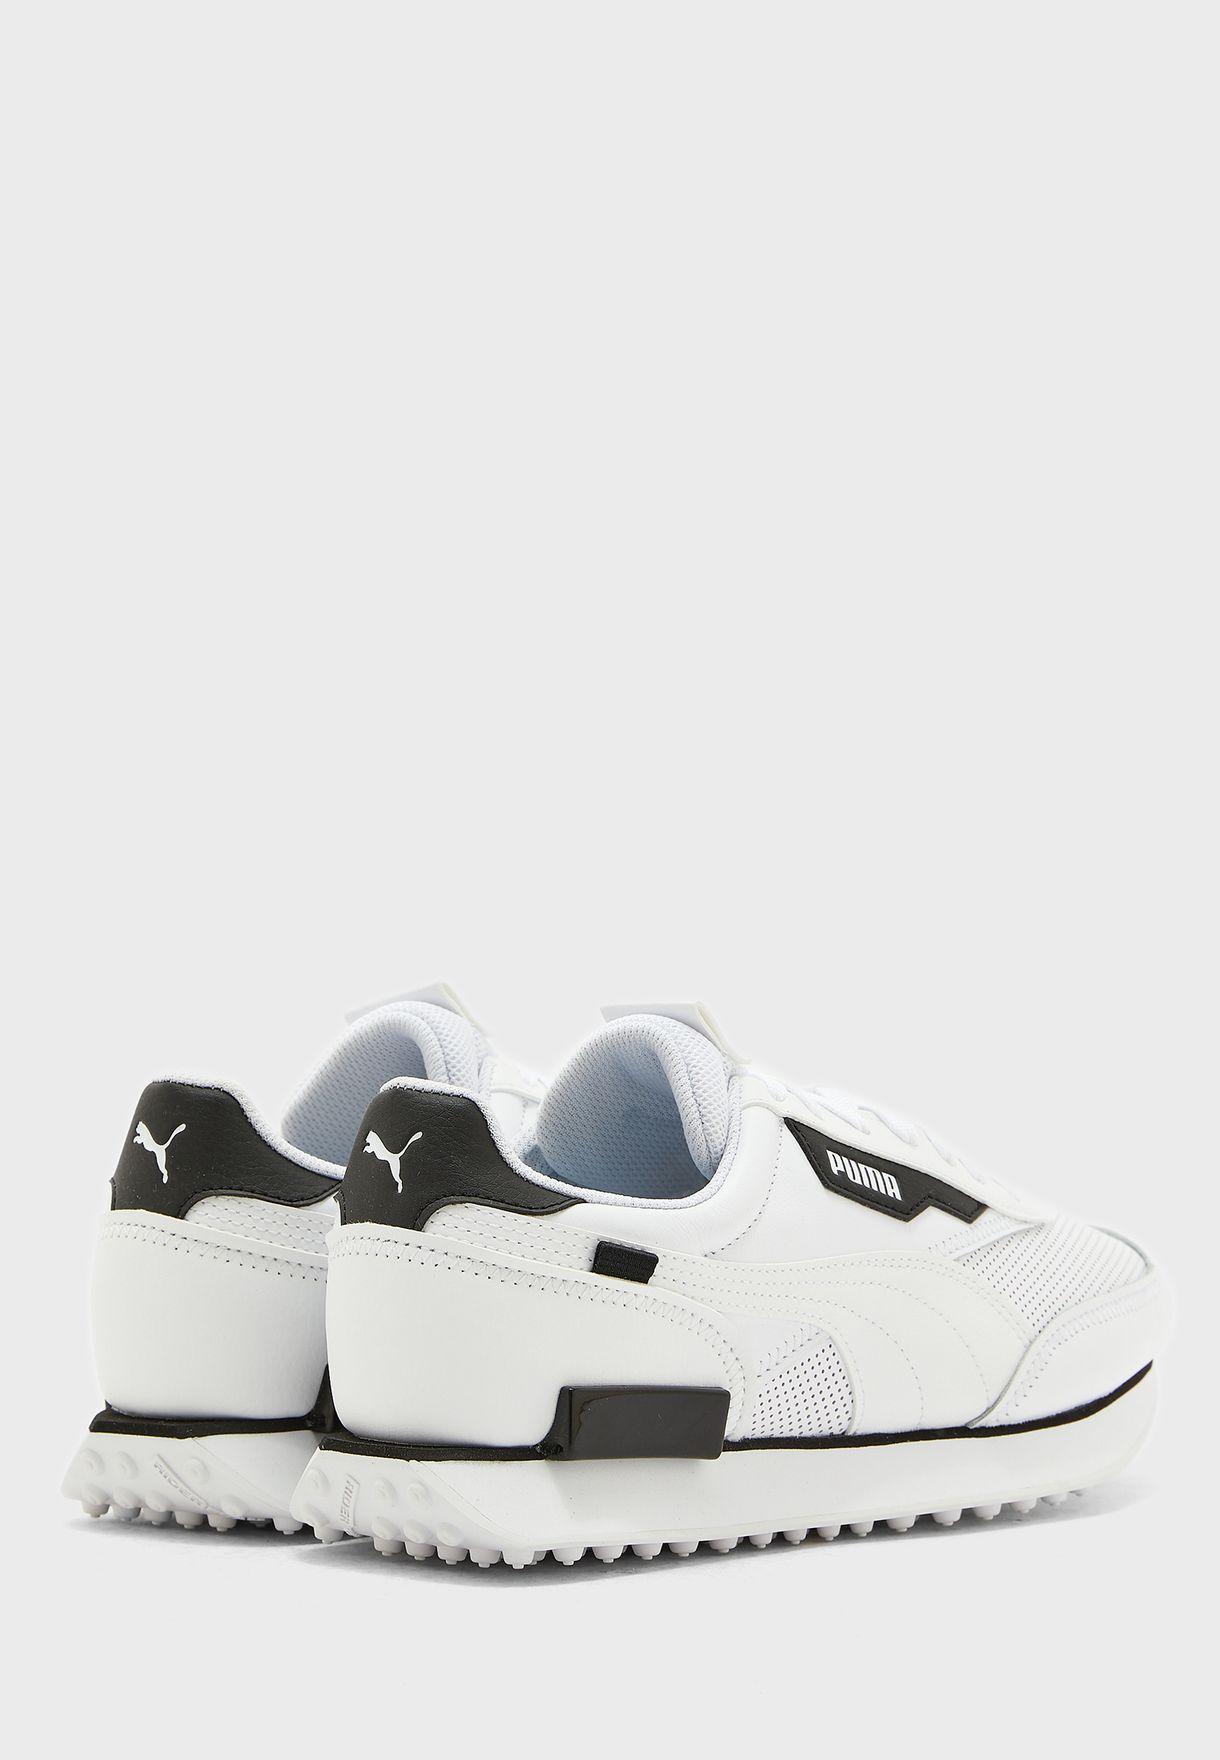 حذاء فيوتشر رايدر كونتراست